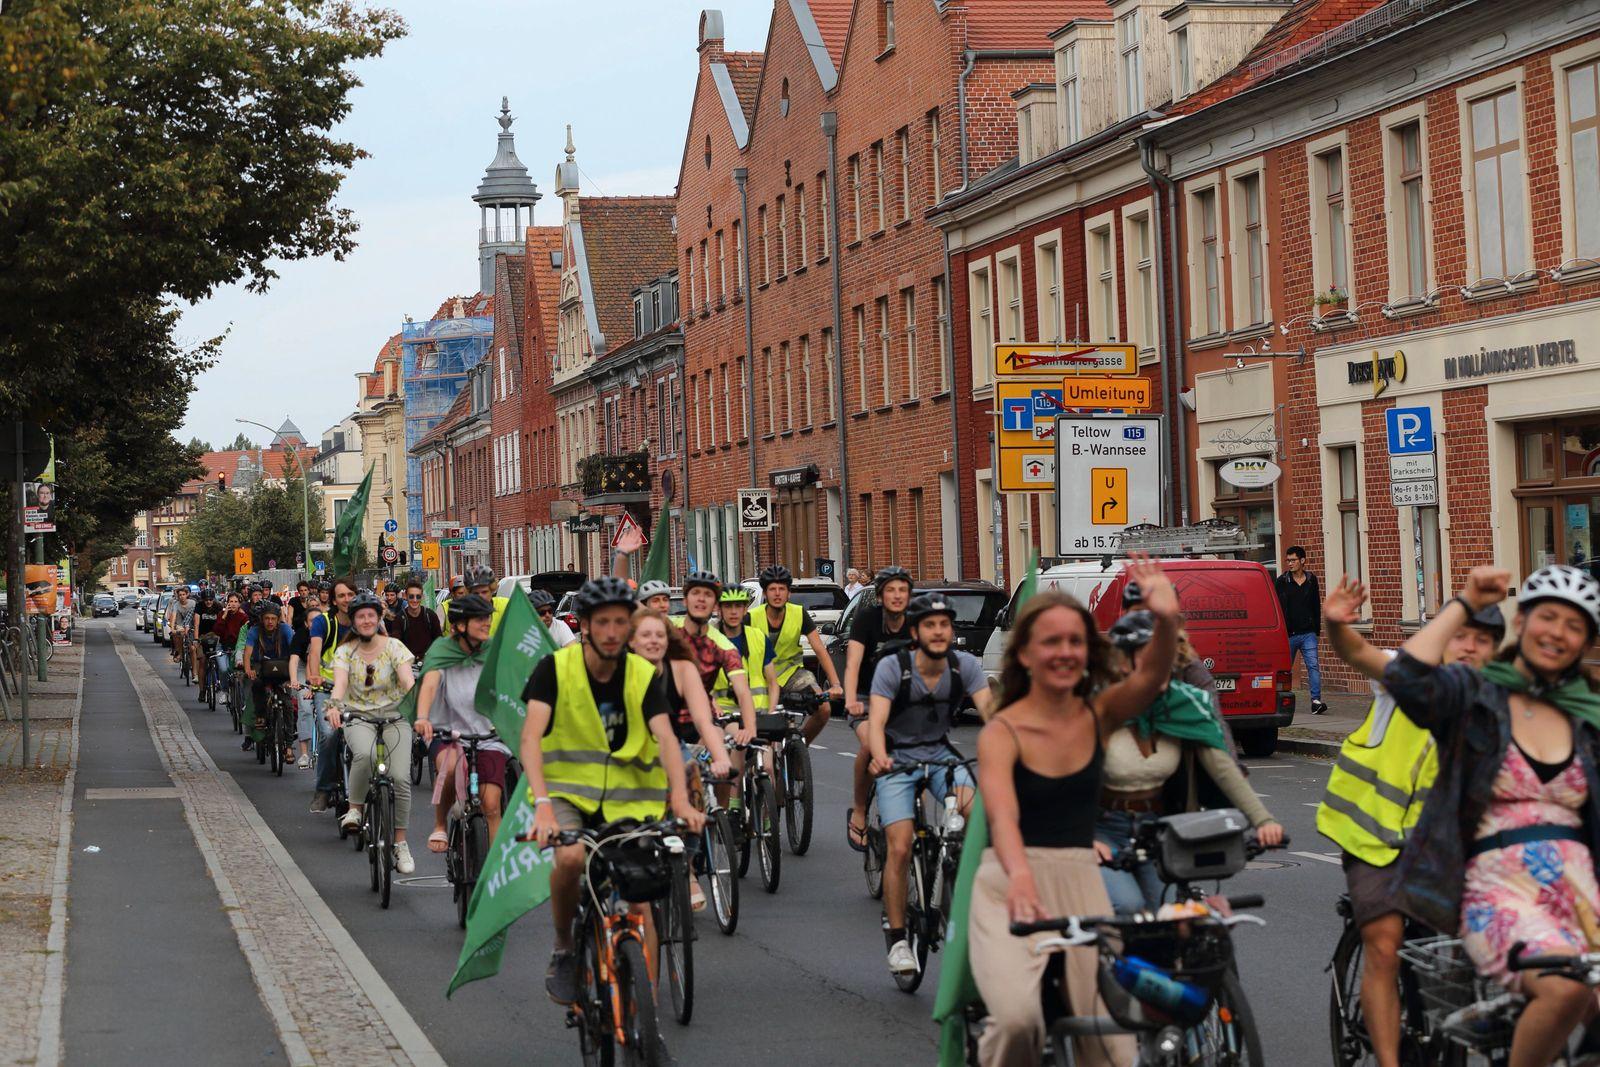 Radfahrer fahren auf der Kurfürstenstraße am Holländischen Viertel im Rahmen der Students for Future Fahrraddemo Ohne Ke